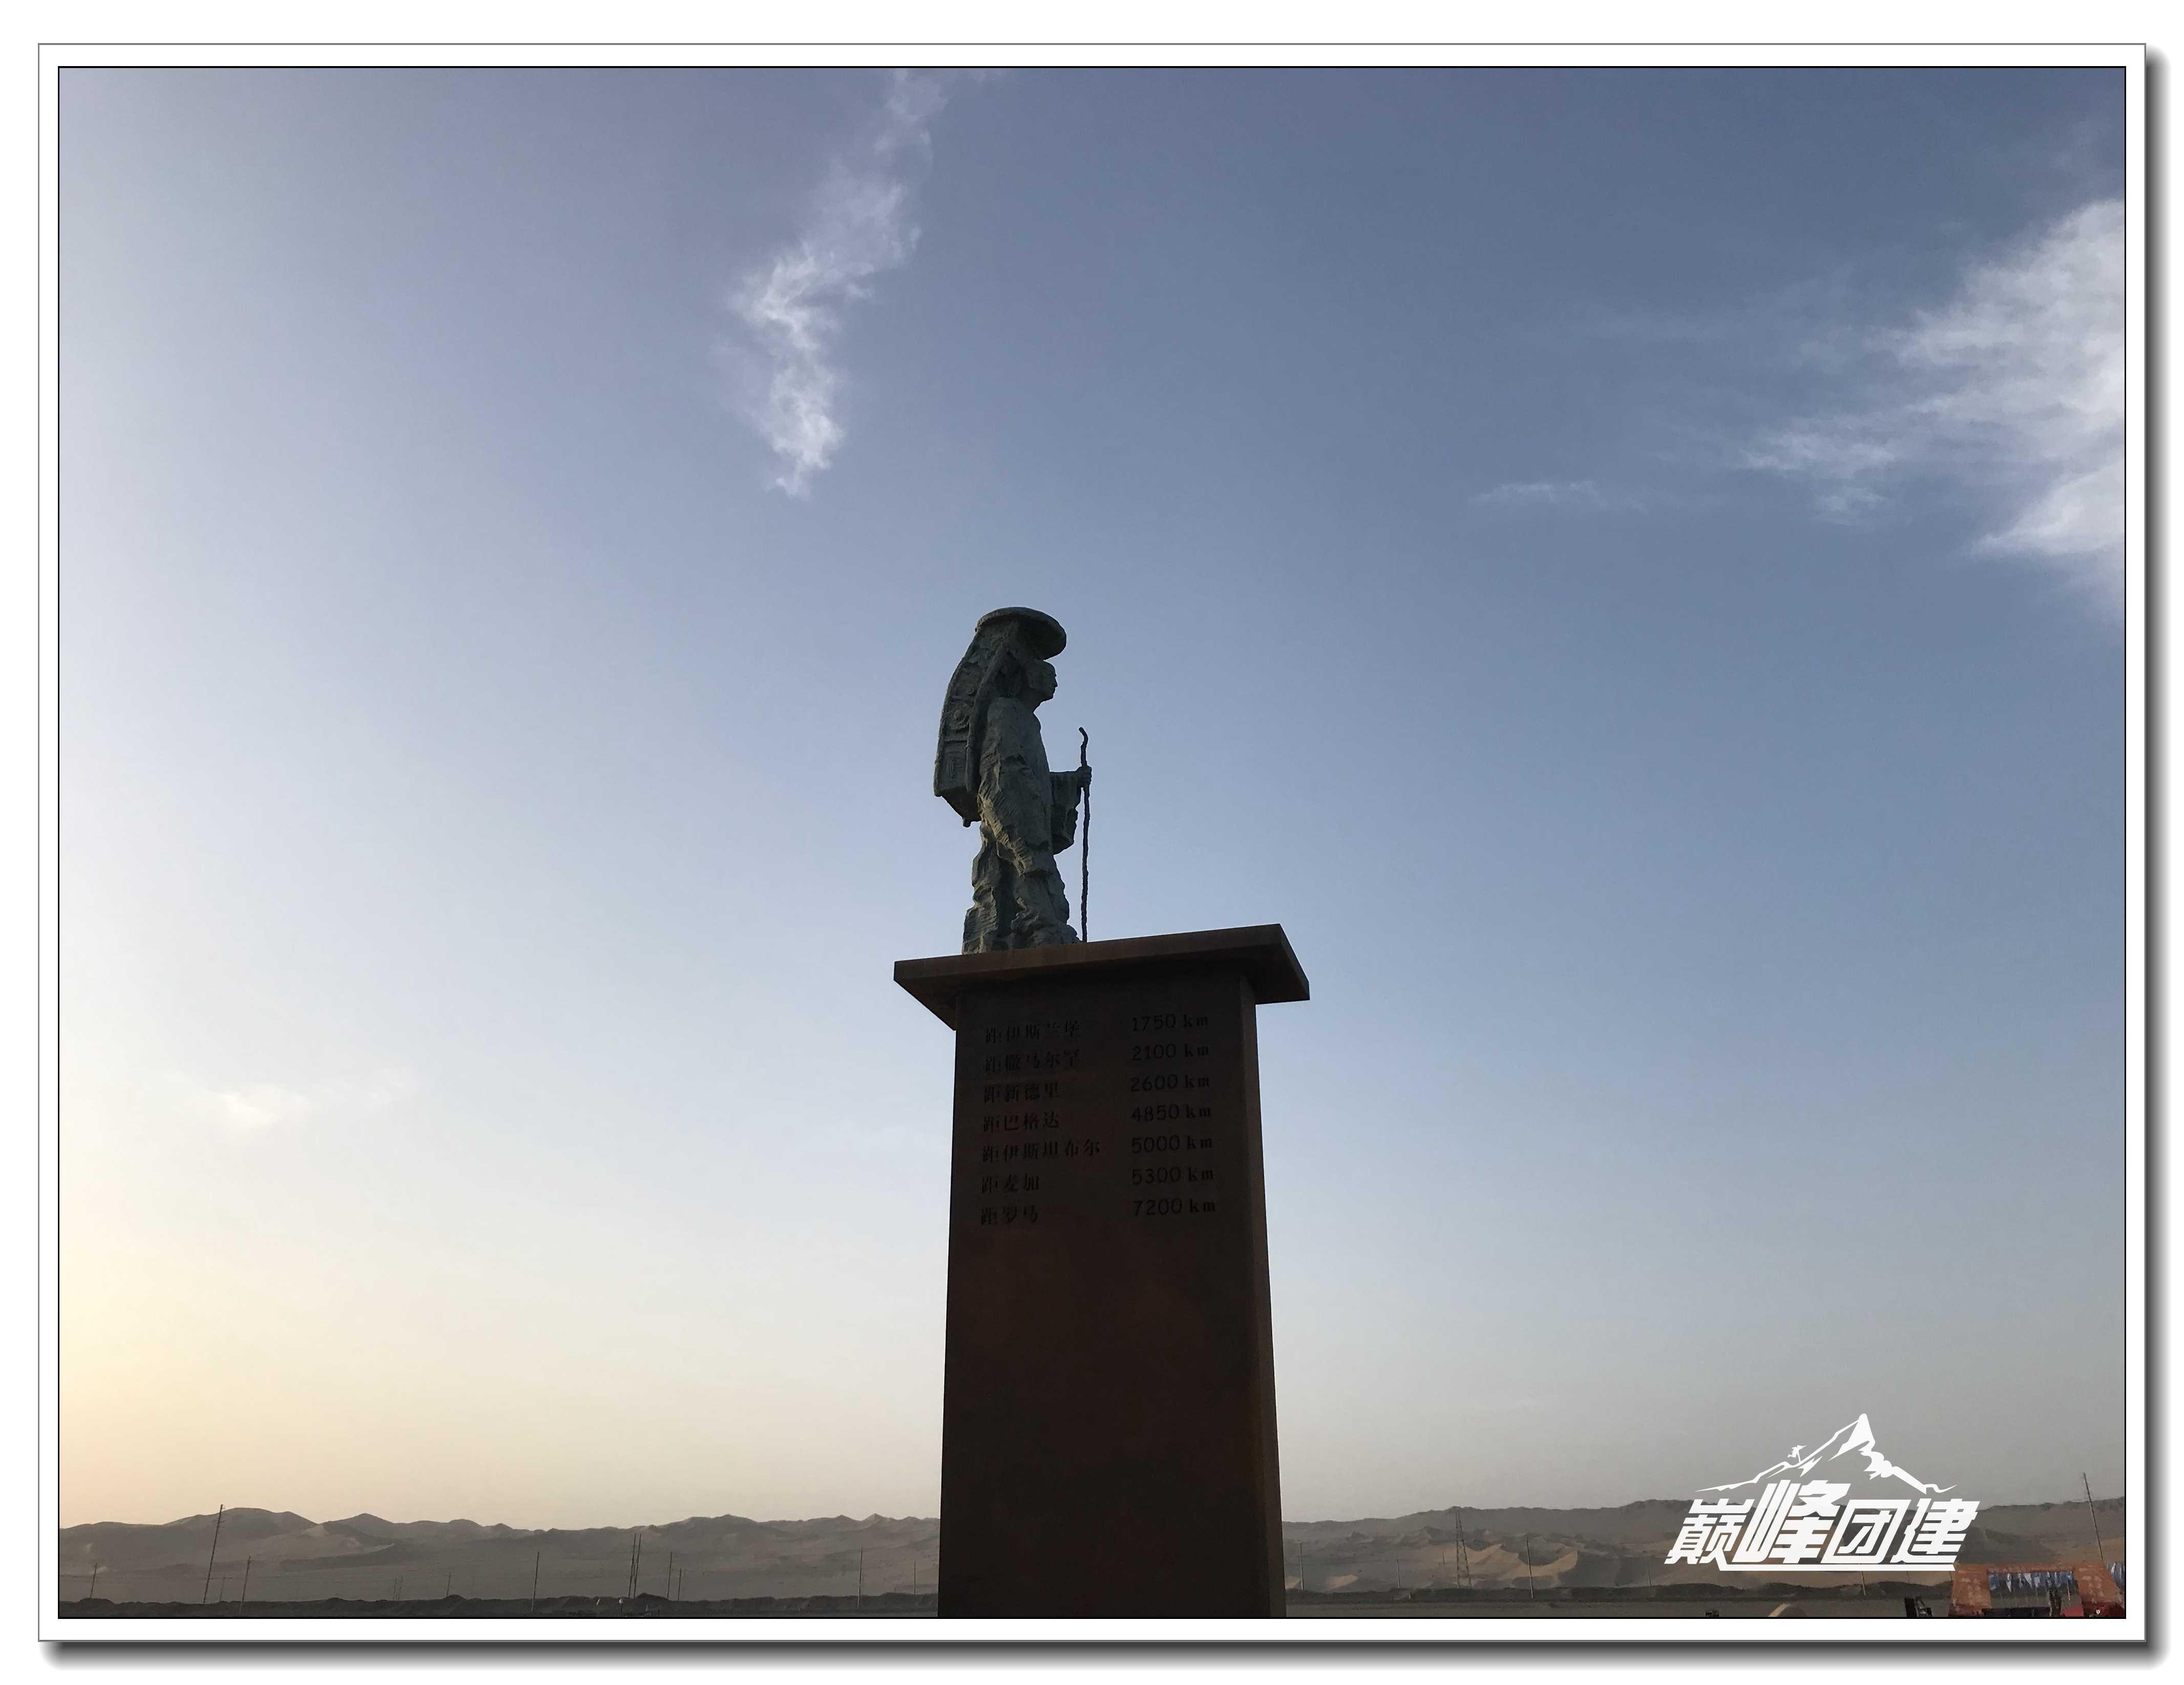 戈壁行走-微信圖片_201912101435181